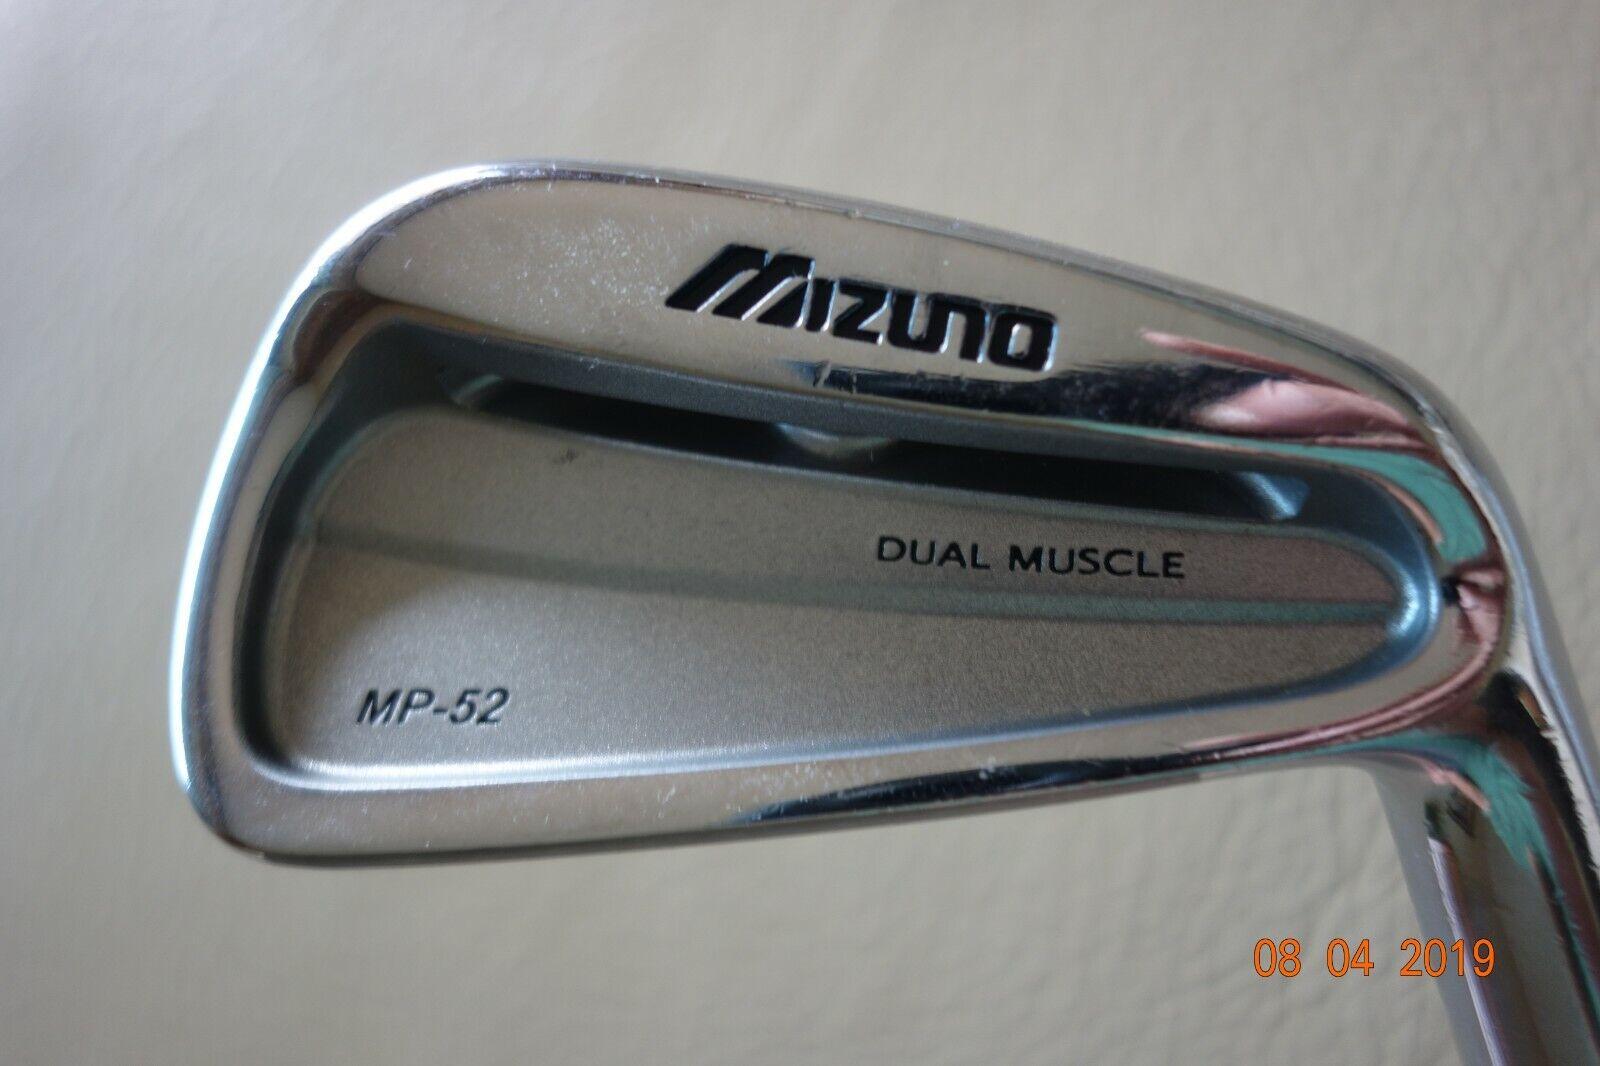 Mizuno MP-52 hierros forjados 5-PW  doble muscular-Nippon NS. Pro 1050GH ejes + Cuña  nuevo listado